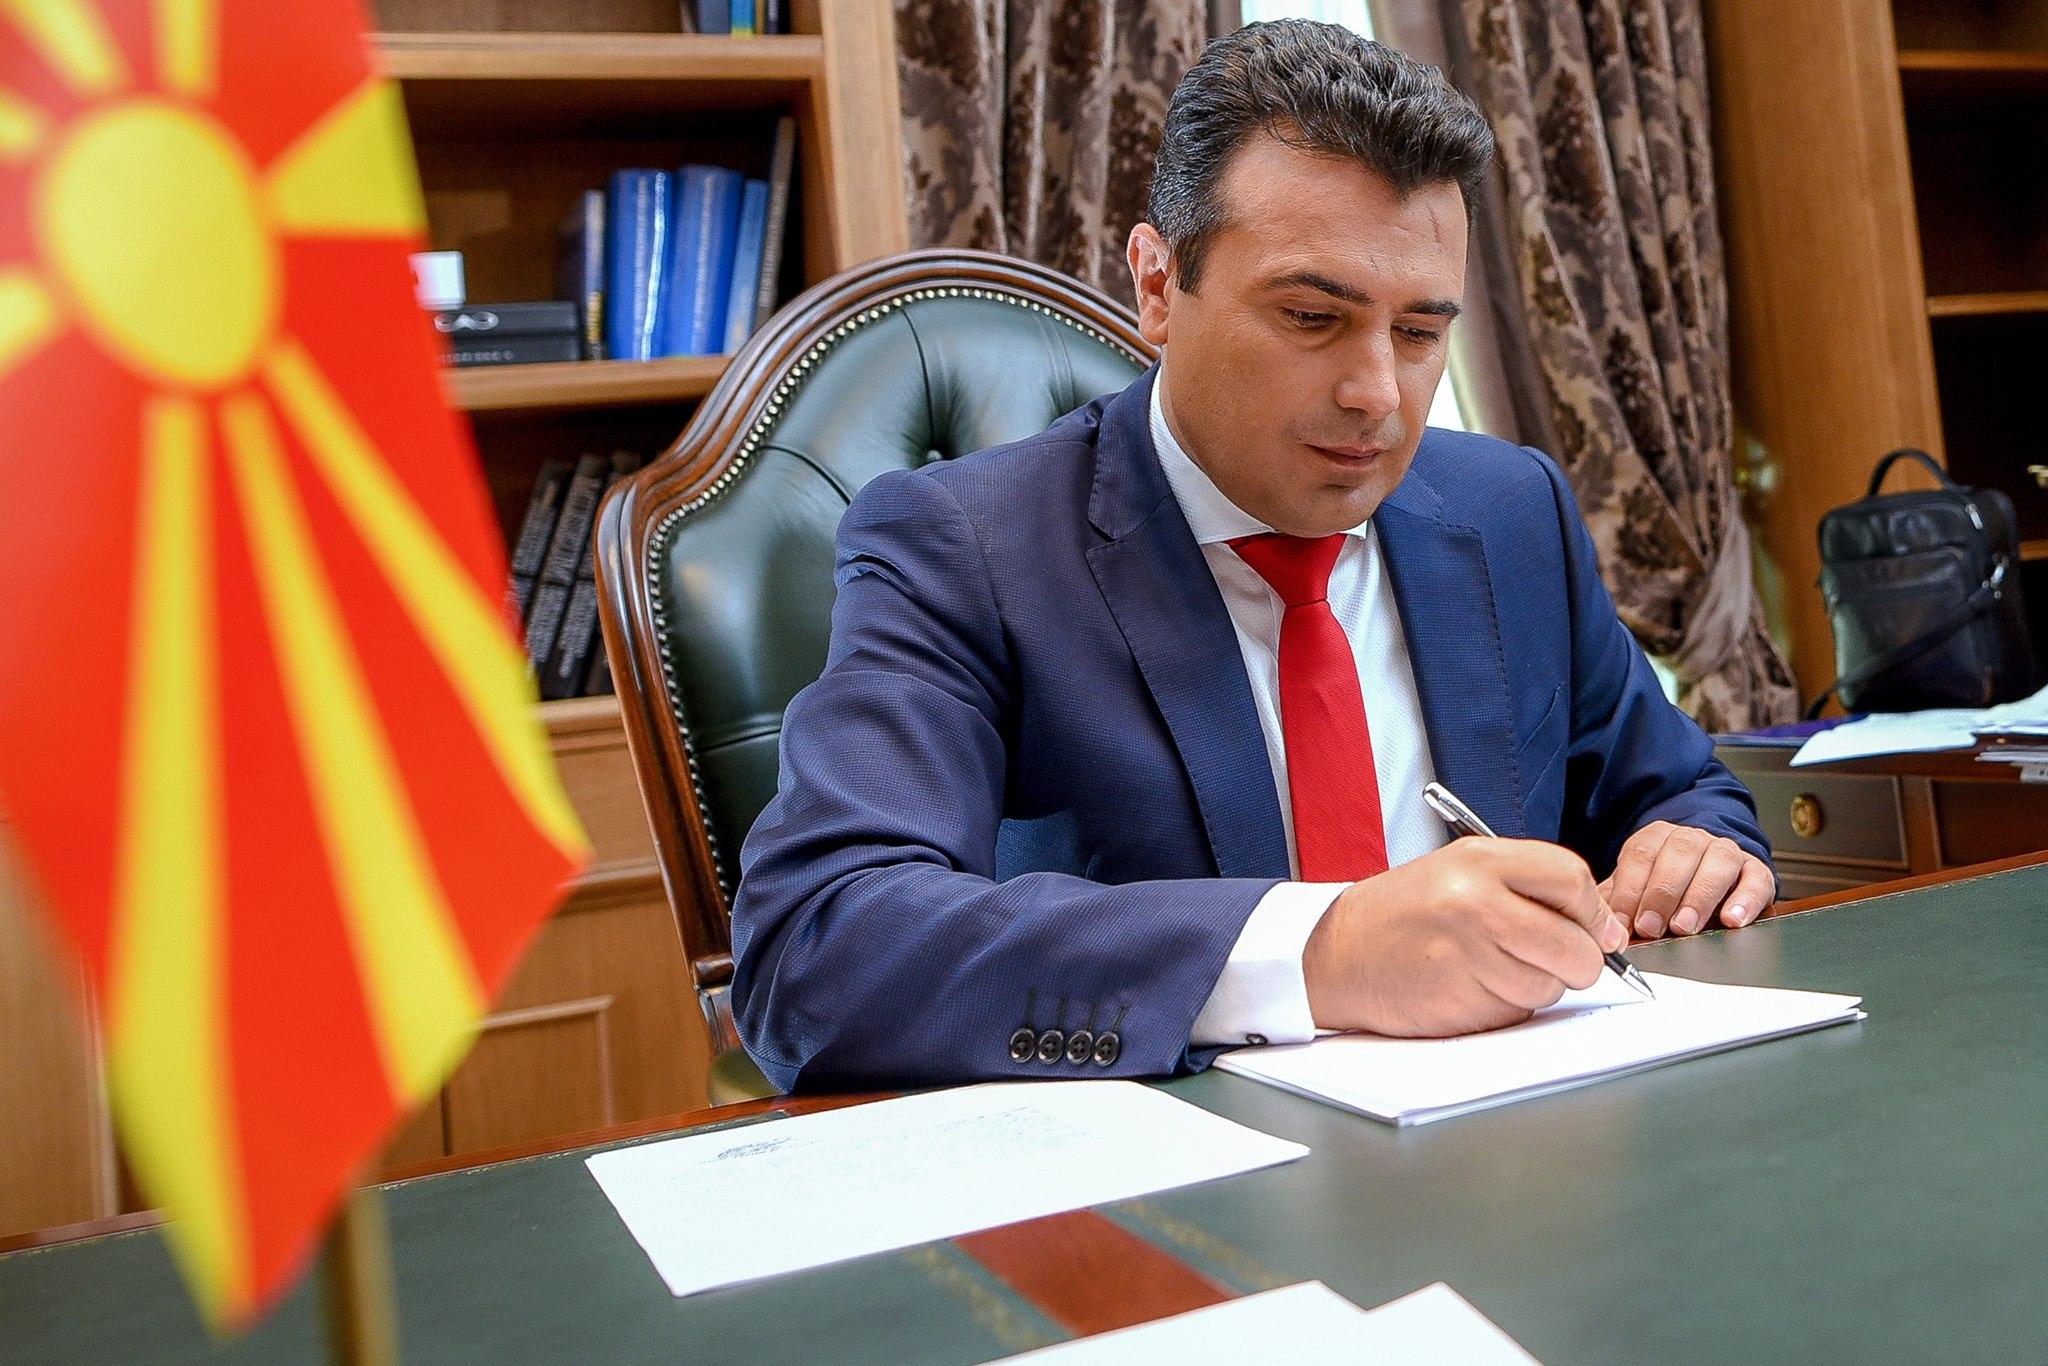 Заев за терористичкиот напад во Барселона  Осудата на омразата и насилството мора да биде одлучна и силна